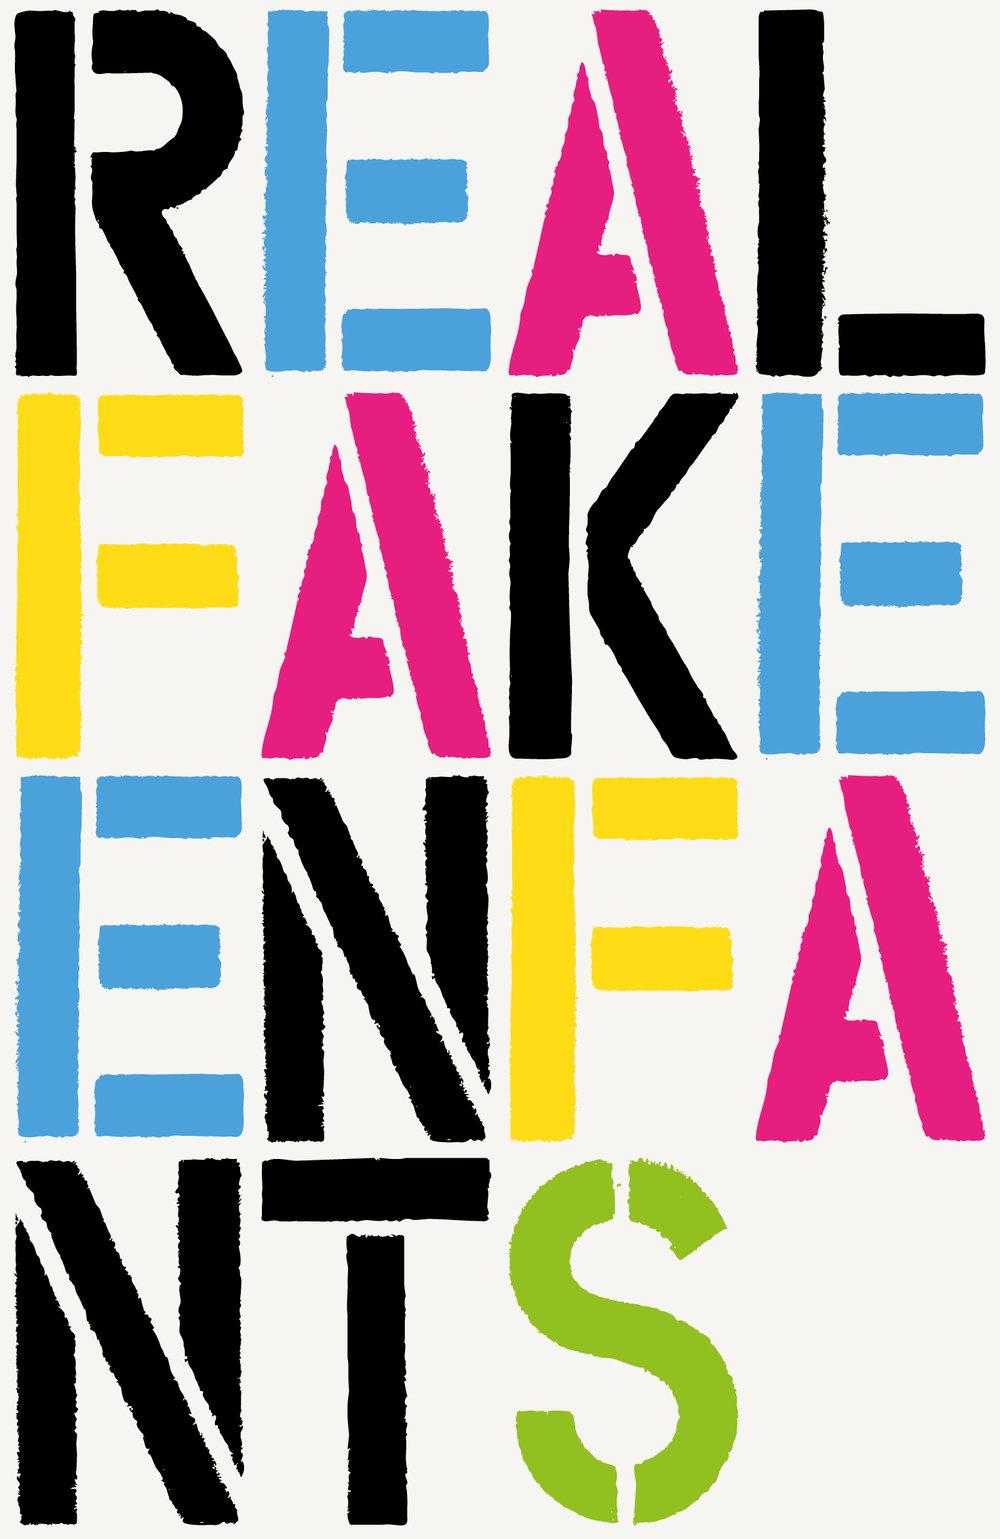 ARTCLASSE-REALFAKE_ENFANTS3.jpg